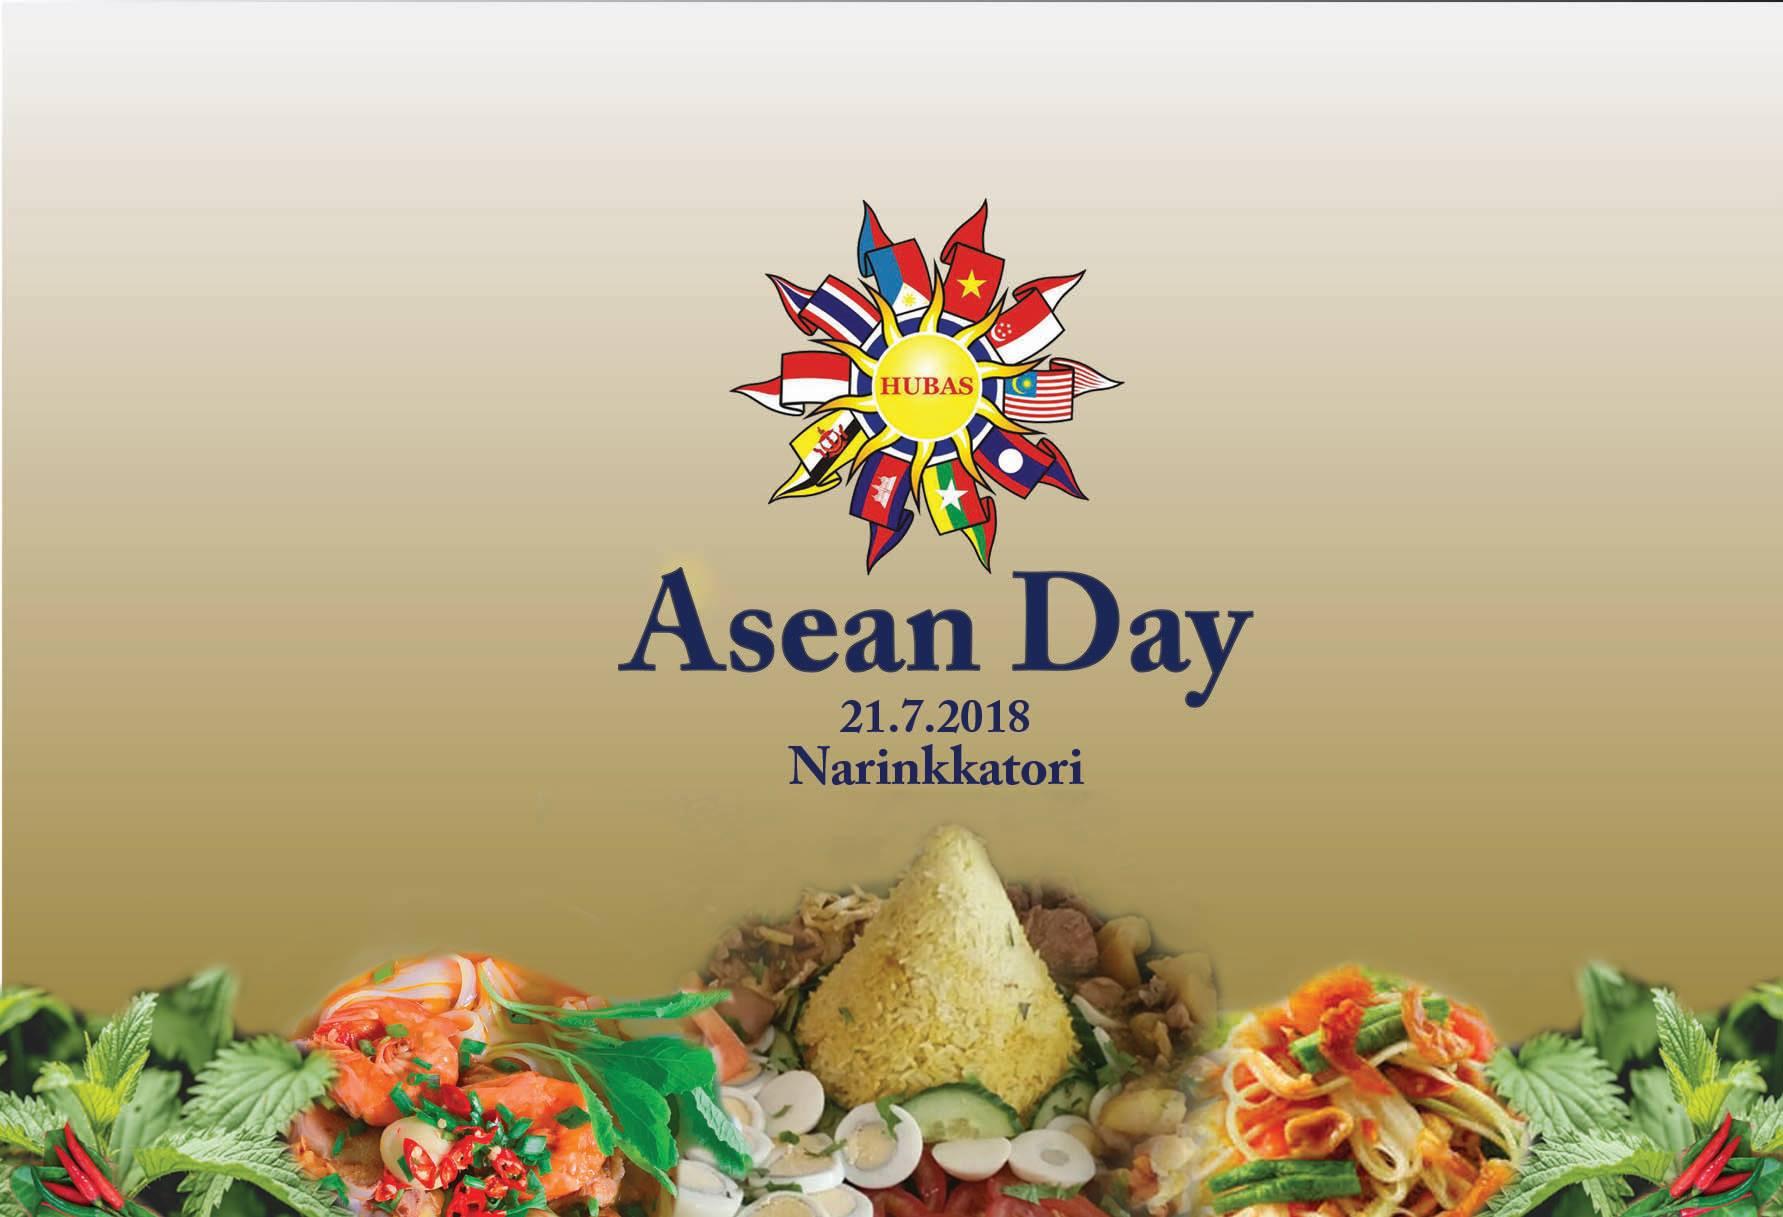 ASEAN DAY Helsinki 2018